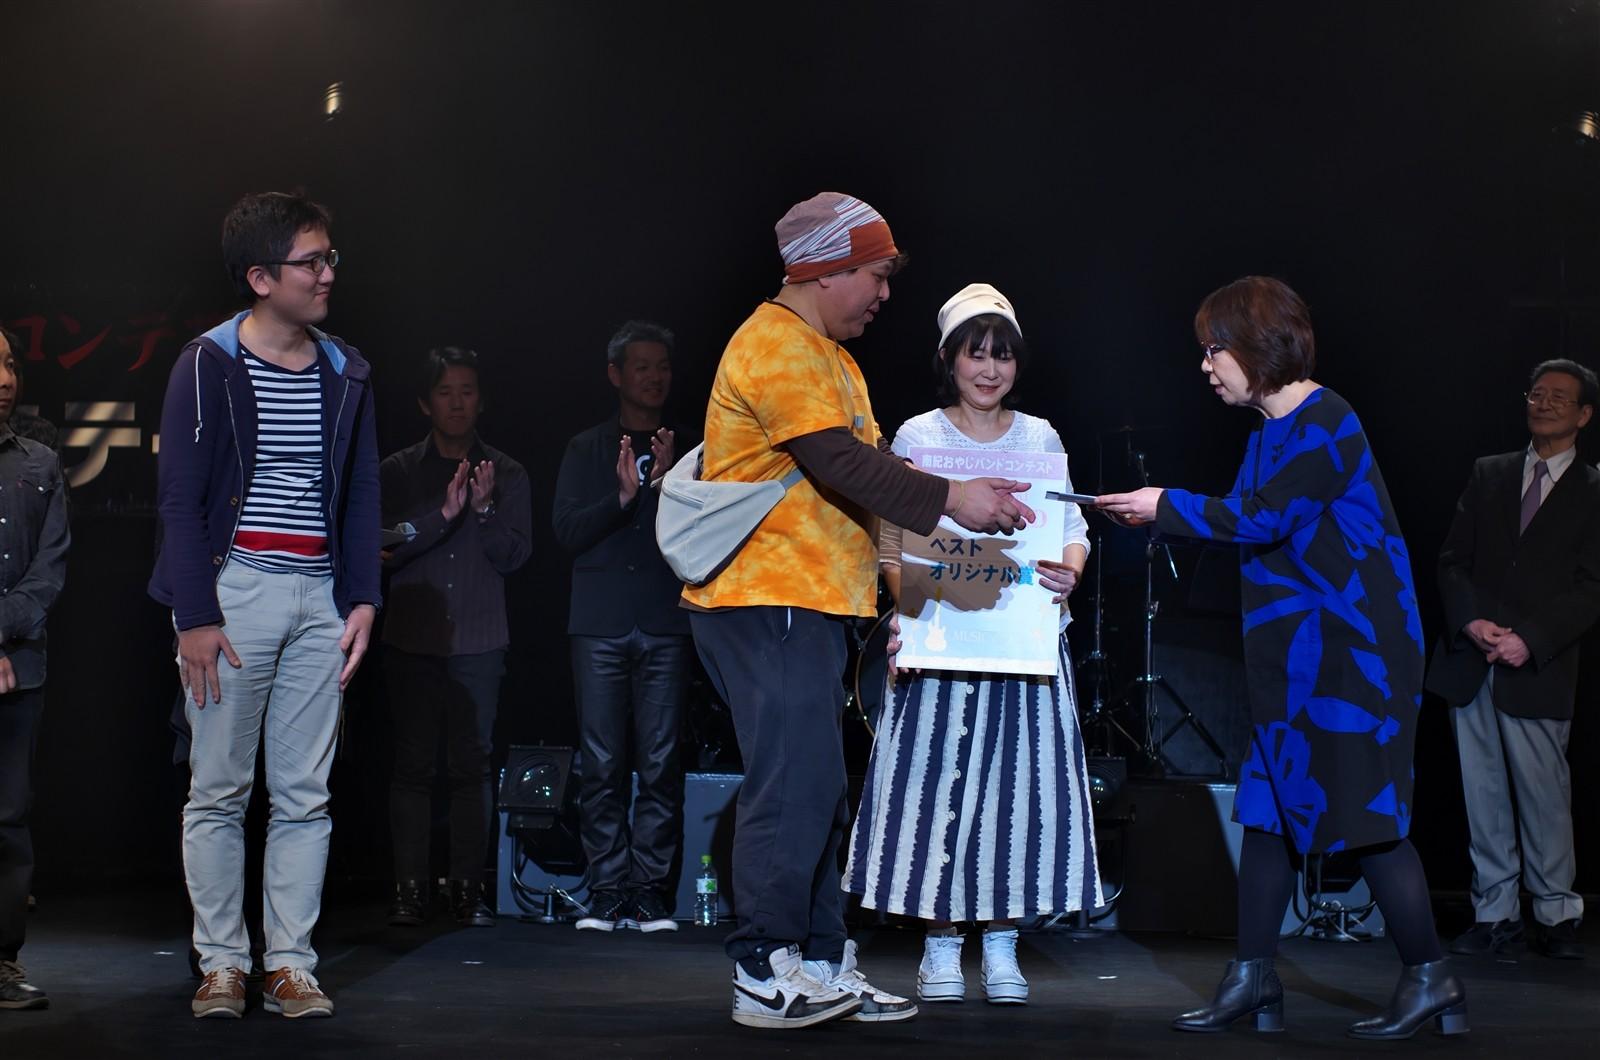 12‐1‐5表彰式_ベストオリジナル賞0014_R